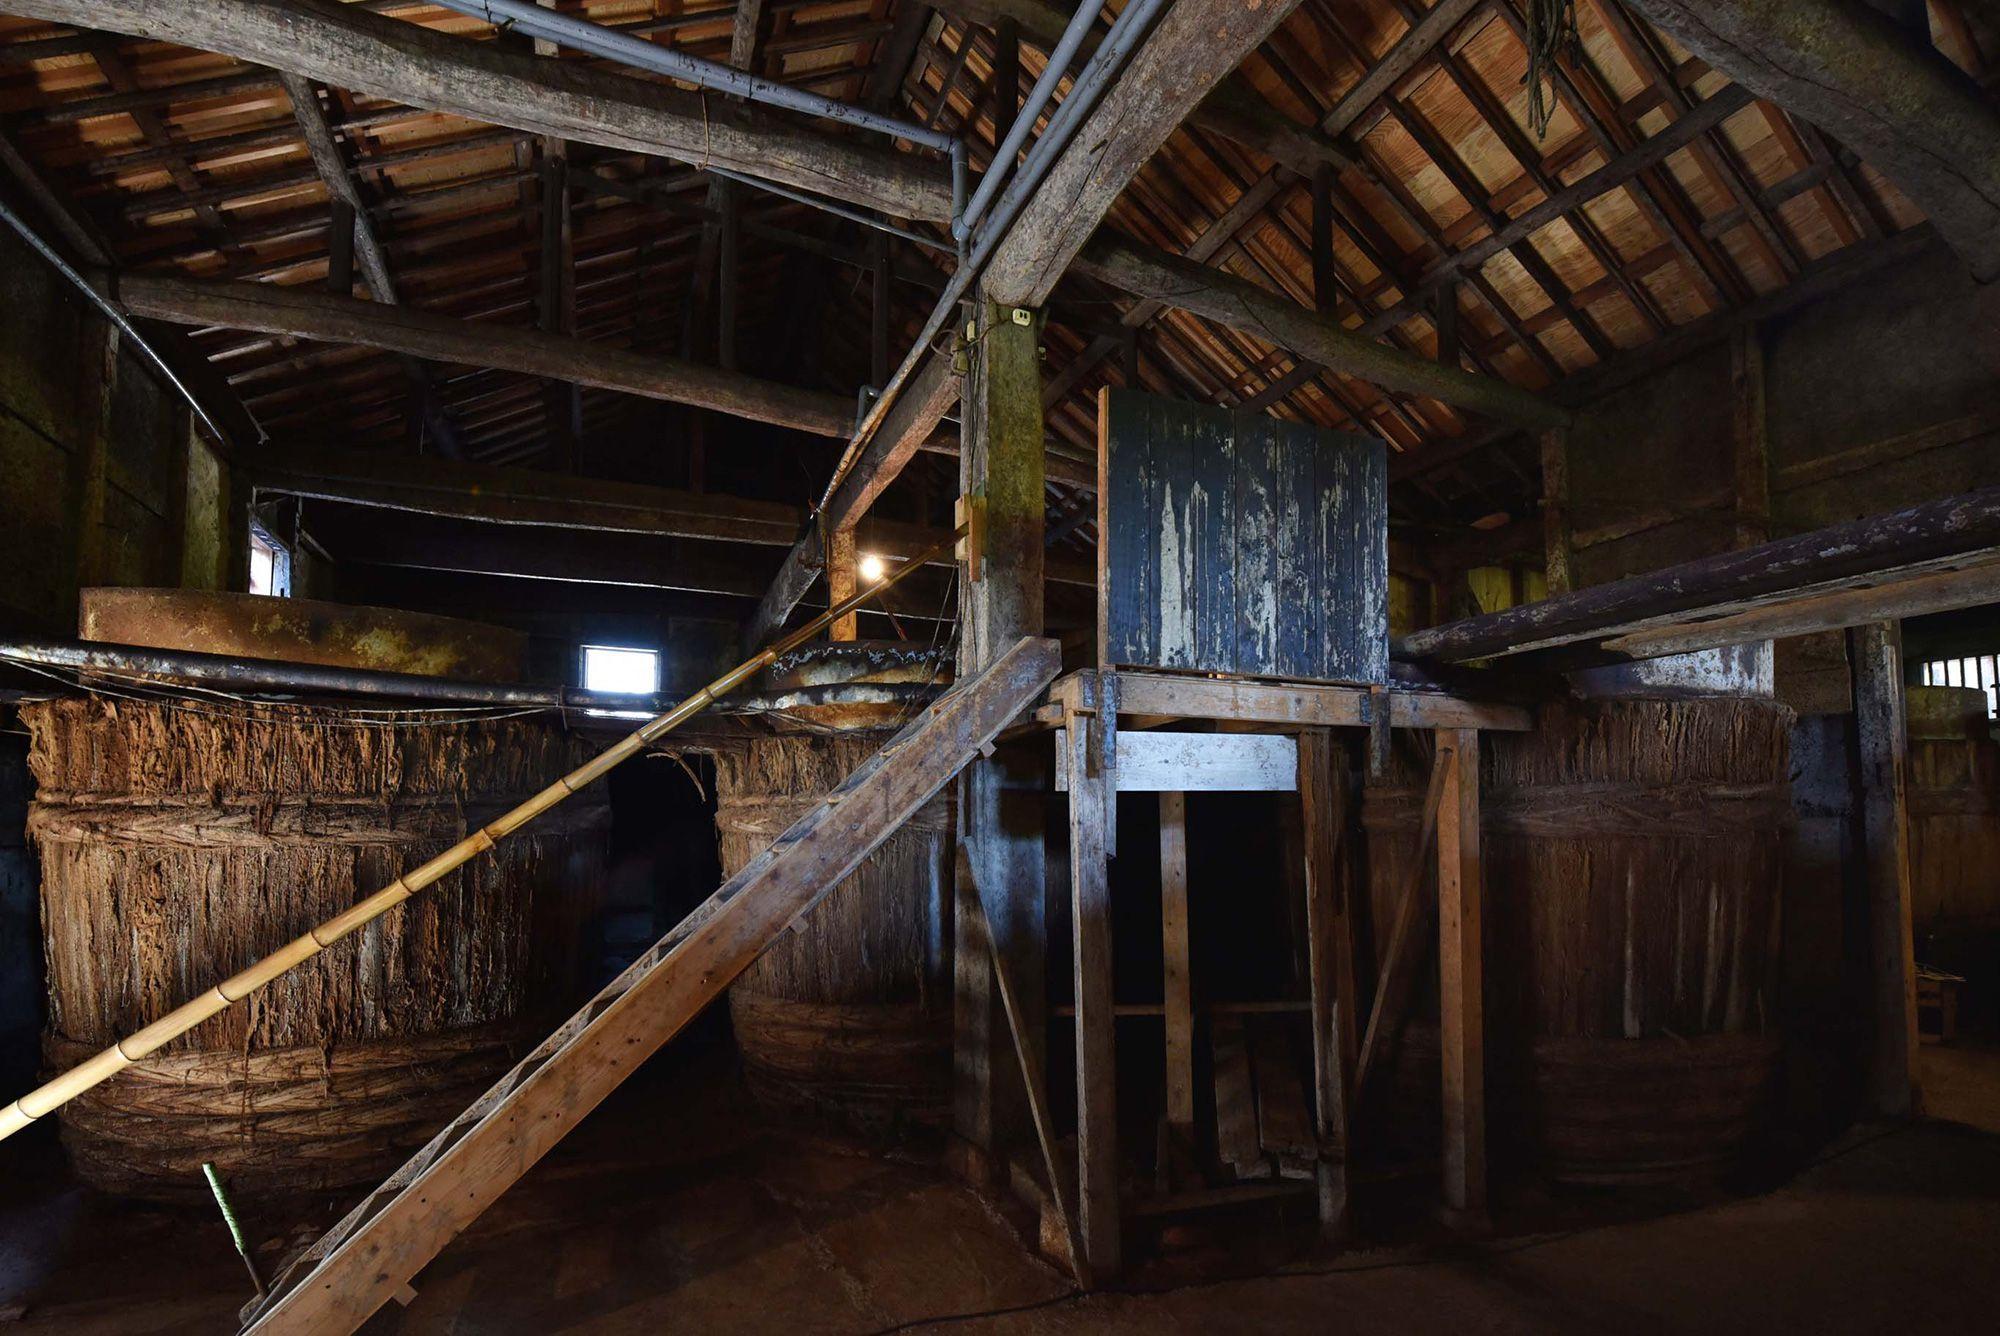 蔵の中にも、木桶のまわりにも乳酸菌や酵母菌が棲みついている。醤油造りには欠かせないもの。